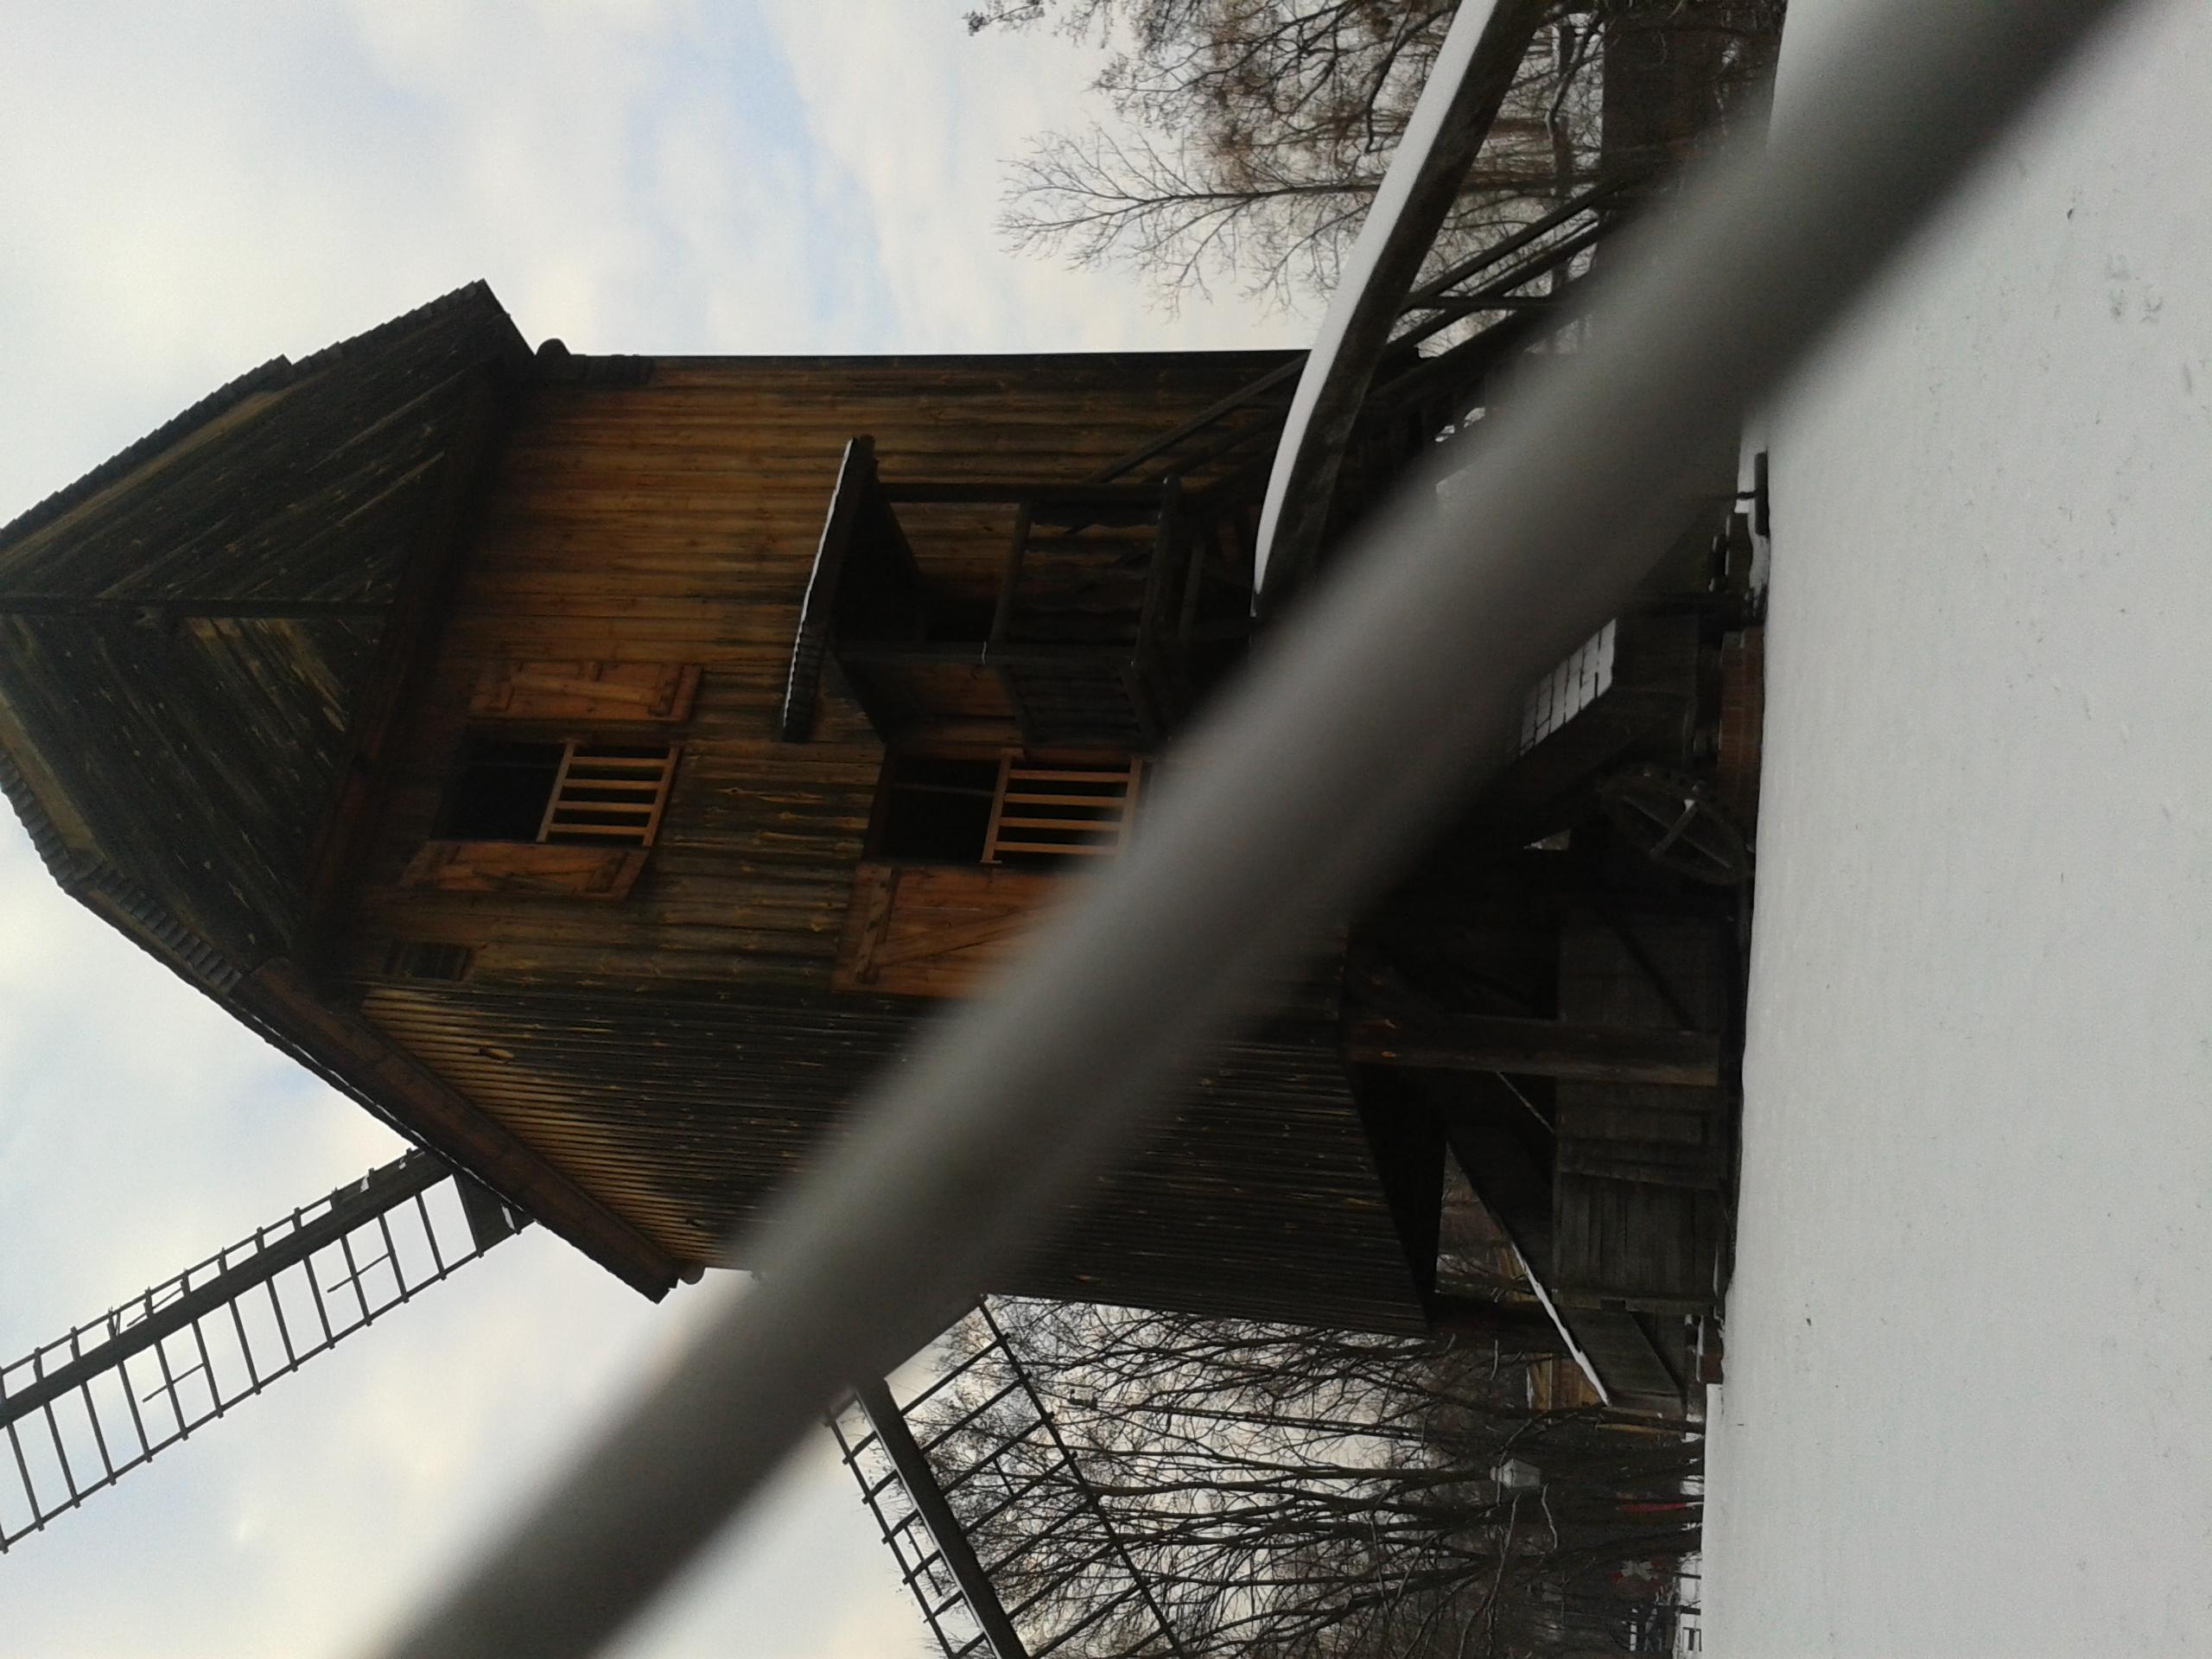 Mühle 2014-01-24 15.13.36